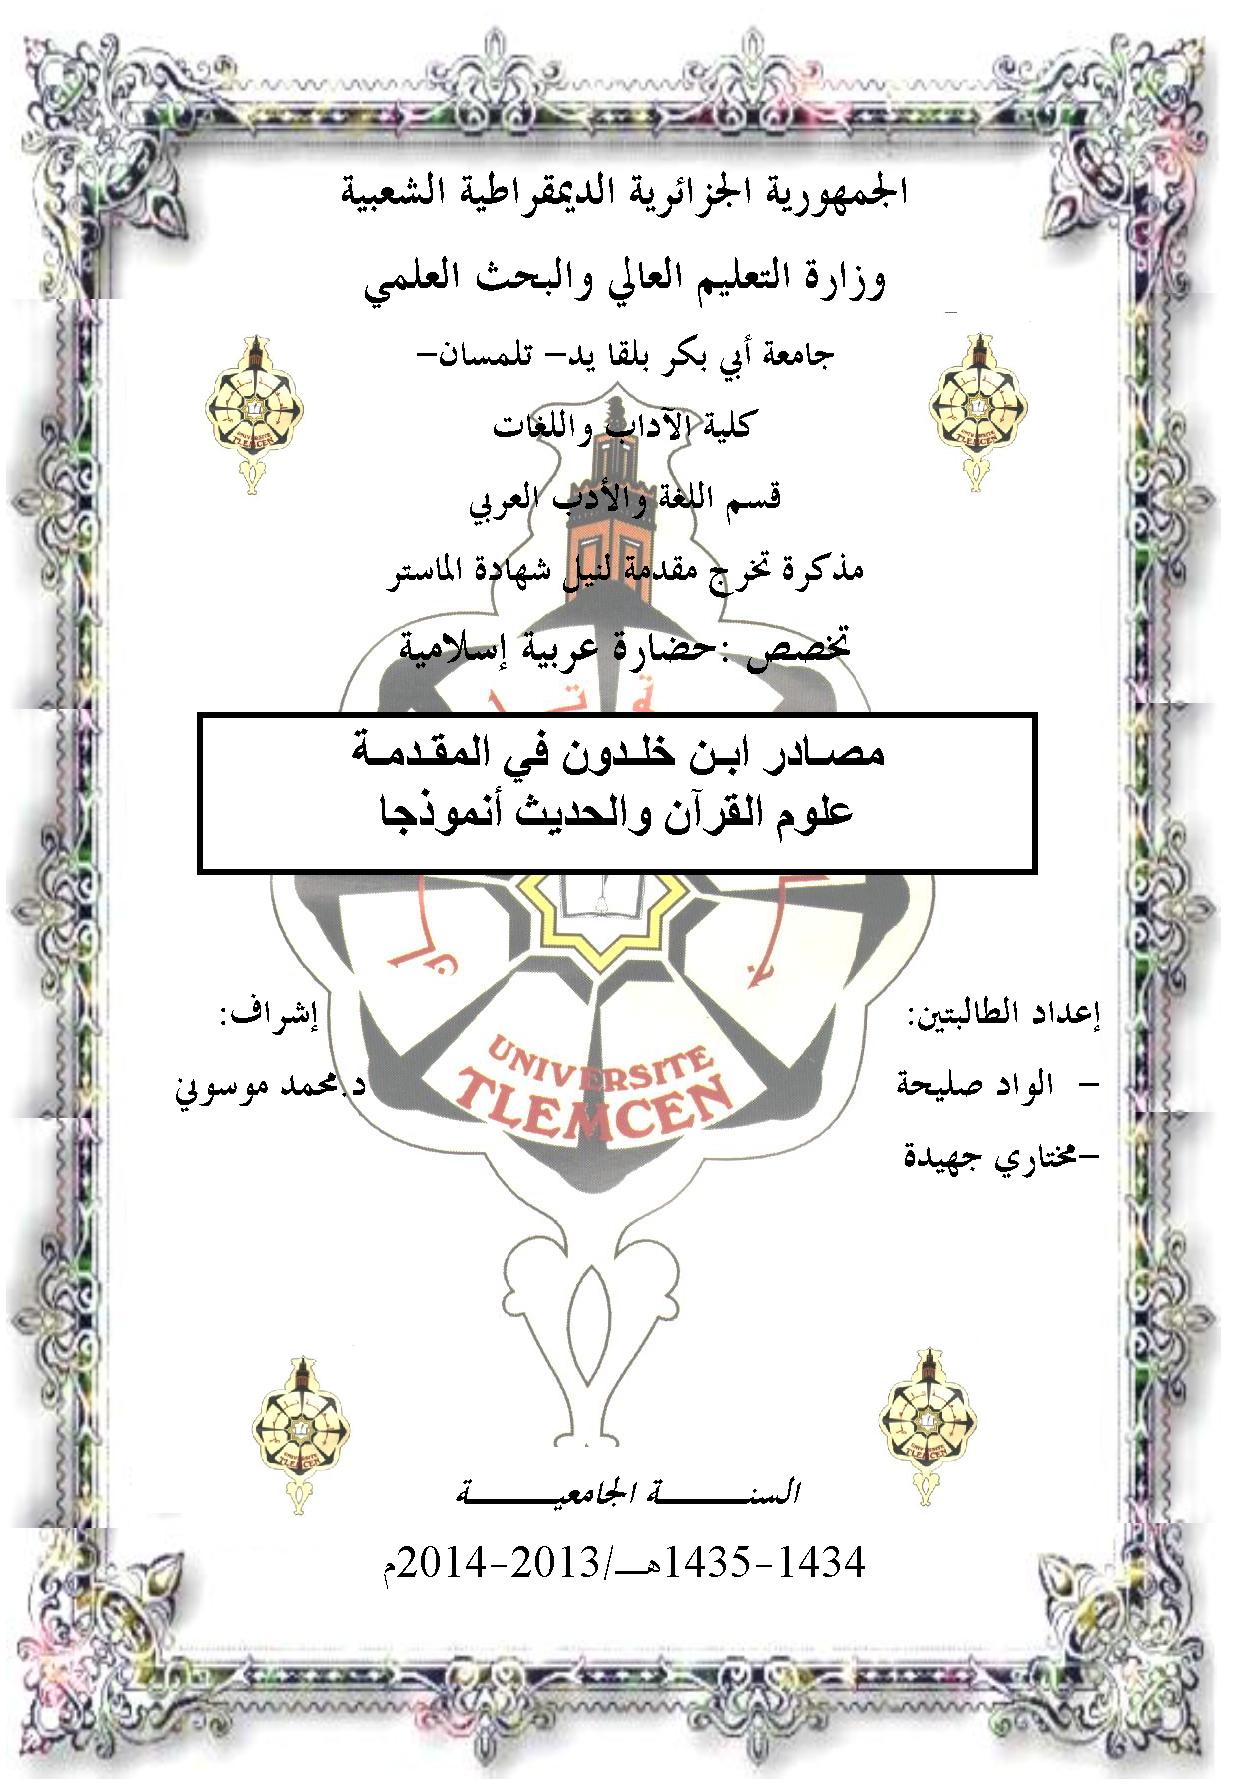 تحميل كتاب مصادر ابن خلدون في «المقدمة»: علوم القرآن والحديث أنموذجًا لـِ: الواد صليحة